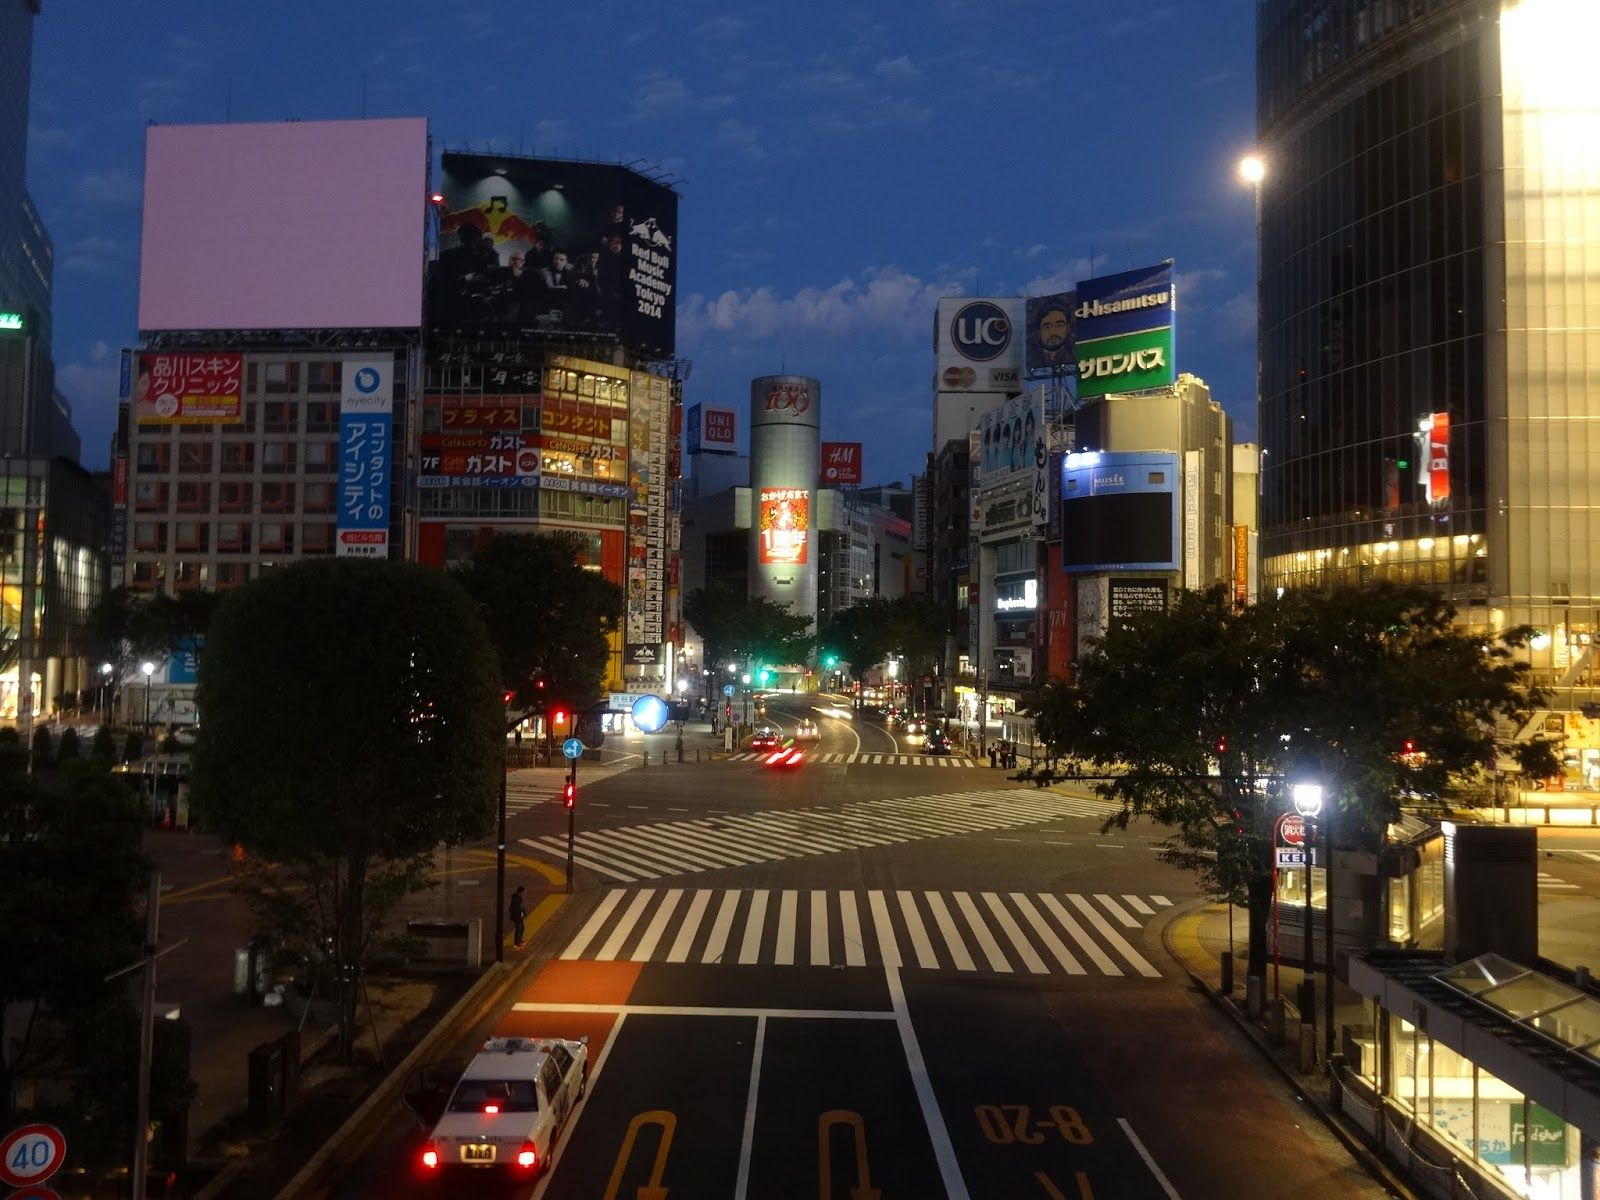 ふり フォトフォト 著作権フリー無料画像 夜景 渋谷駅前